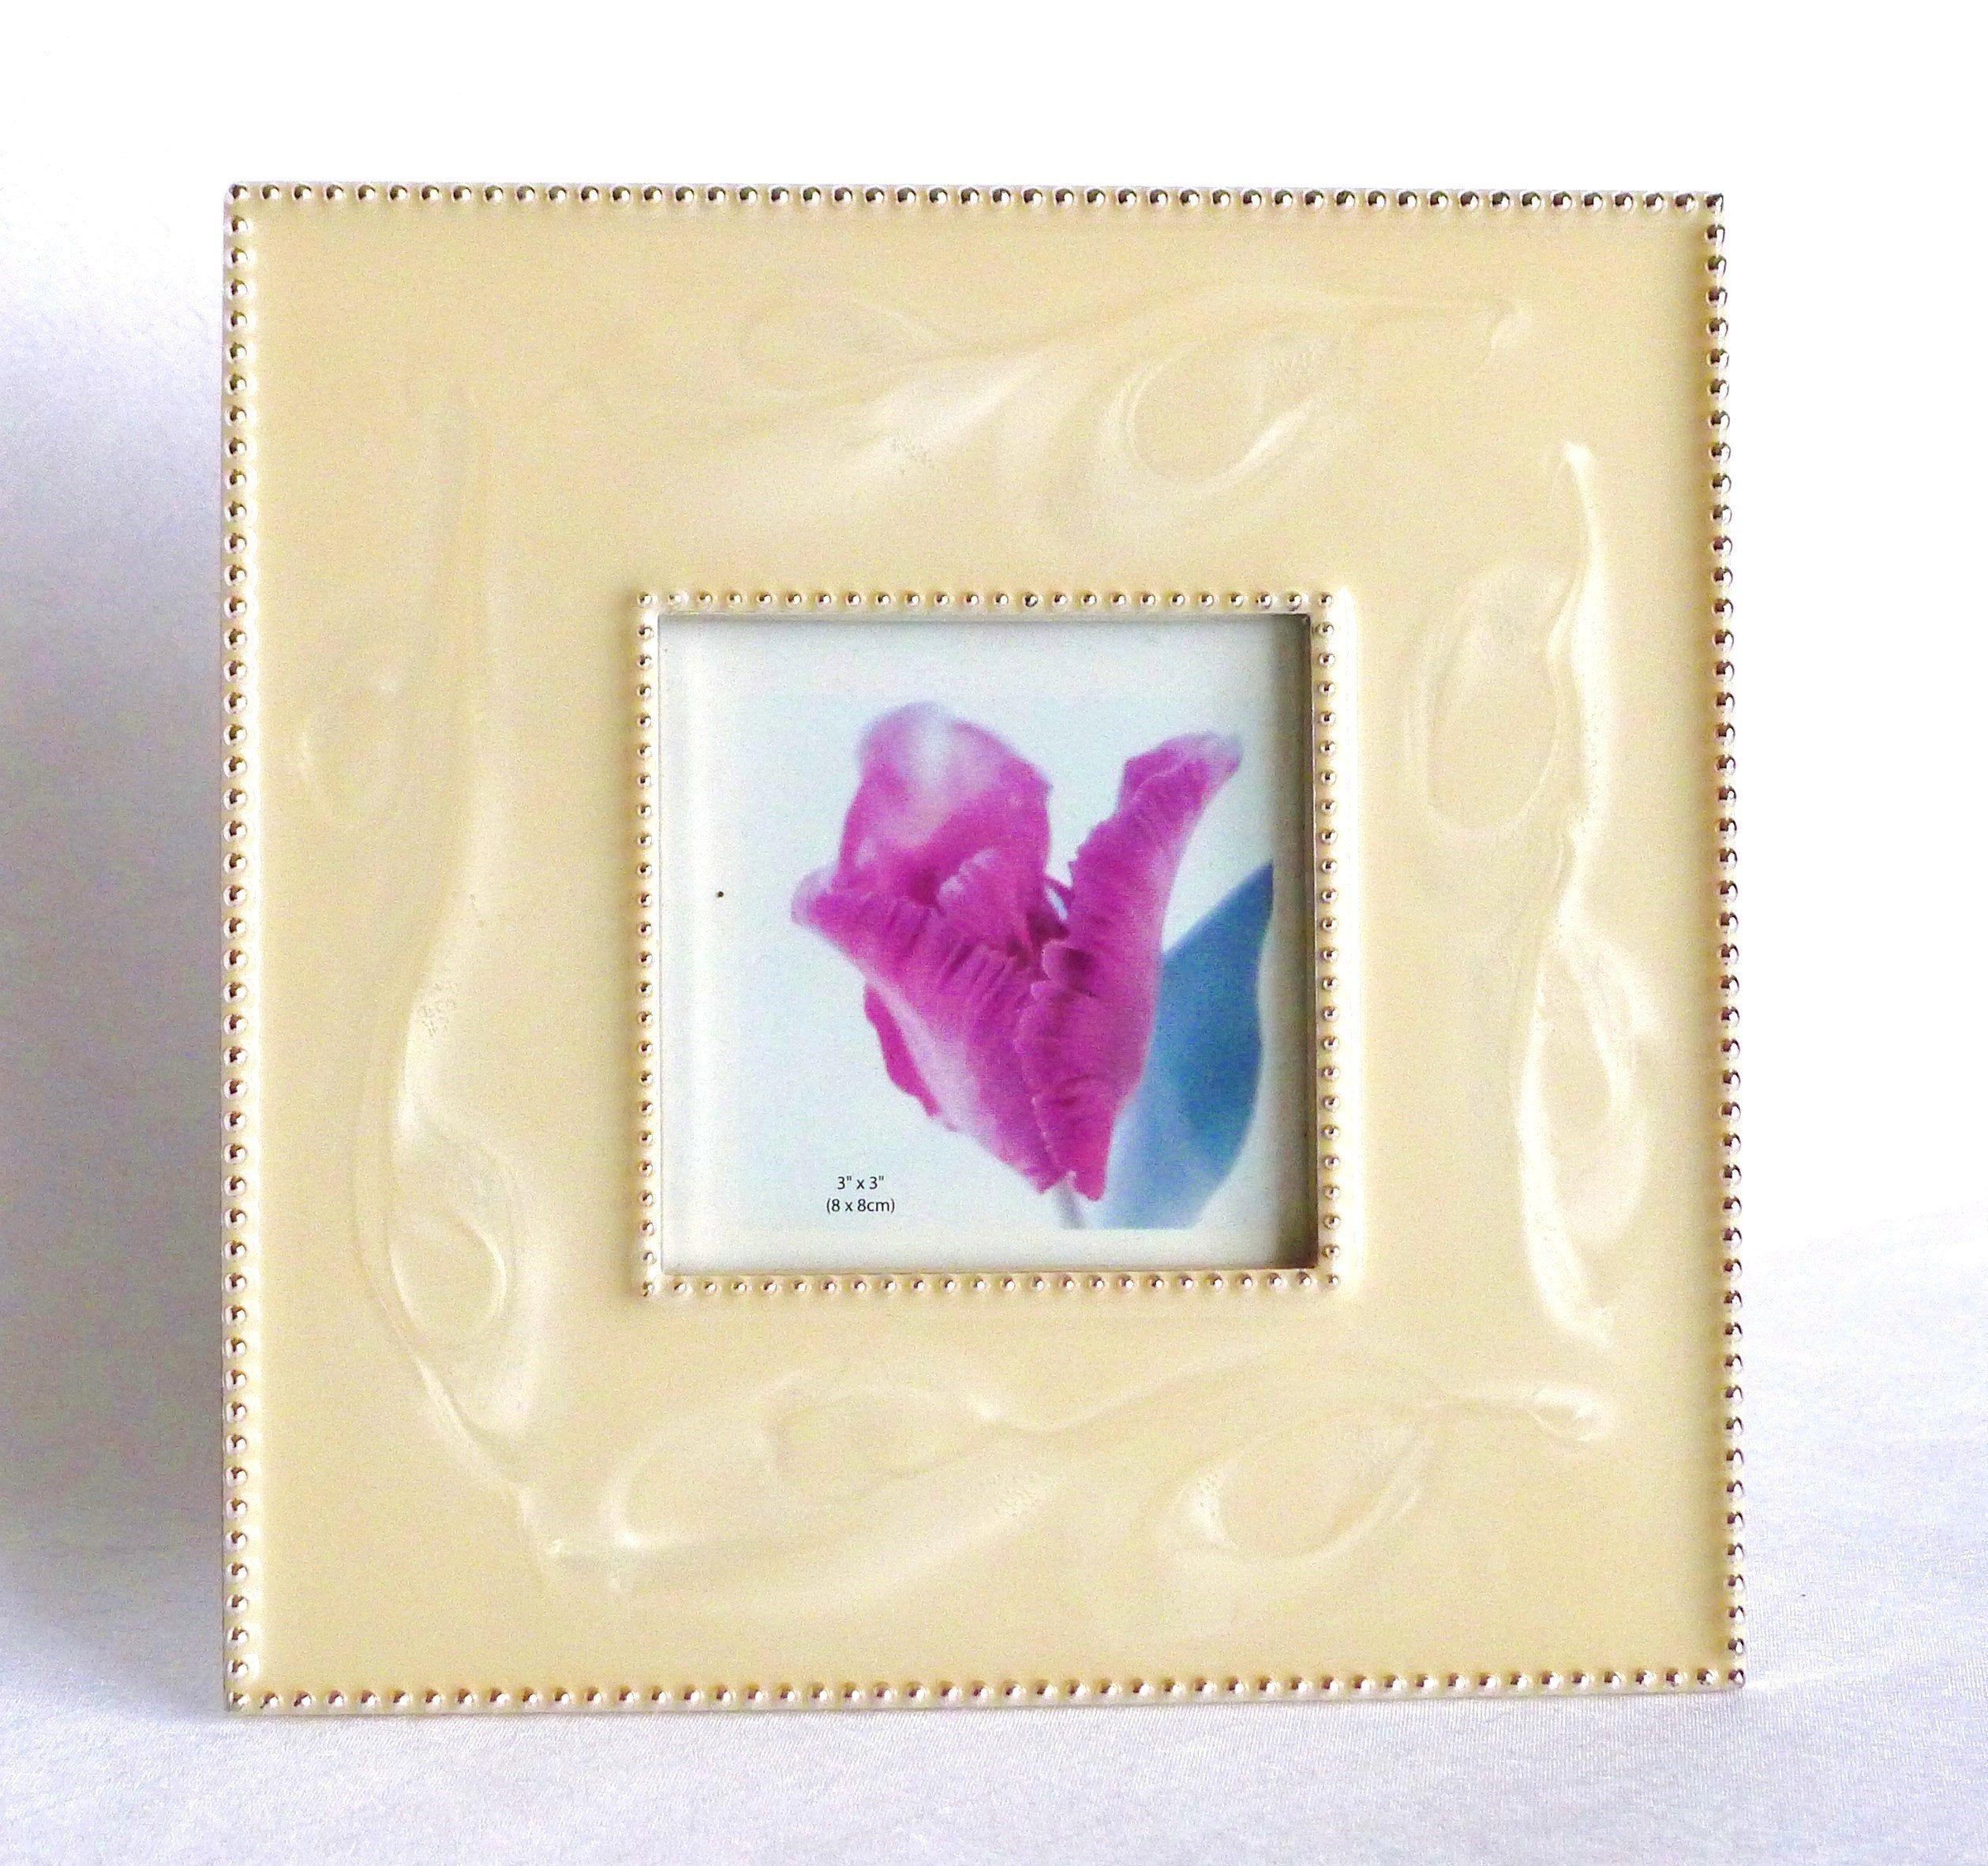 Kleiner Vintage Bilderrahmen Gold Creme Mit Perlmuttahnlicher Glanzender Glasur Fur Fotos 8 X 8 Cm 80er Jahre Besondere Geschenkidee Diy Art Frame Gifts